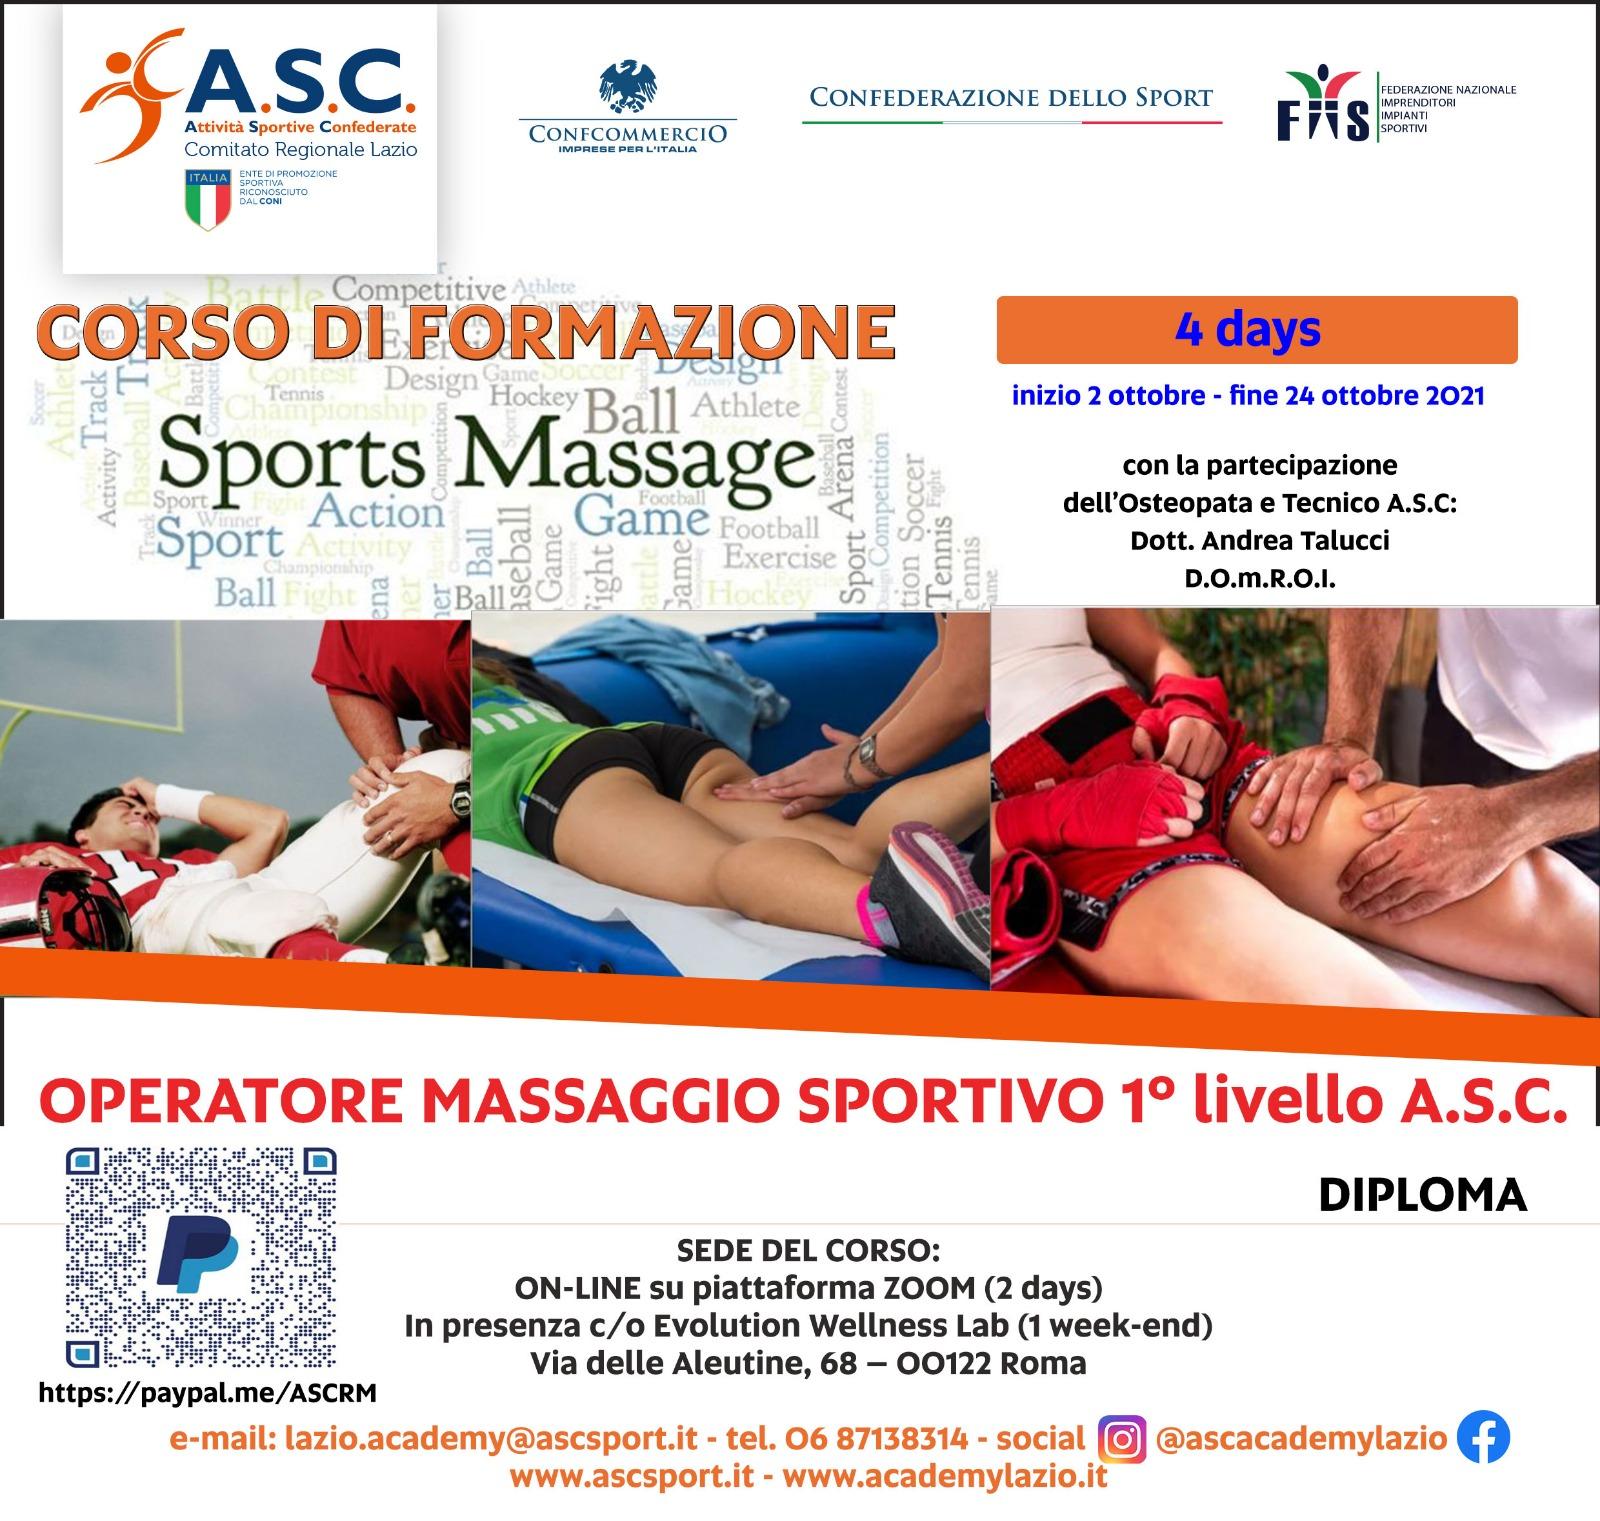 CORSO DI FORMAZIONE OPERATORE MASSAGGIO SPORTIVO 1 LIVELLO